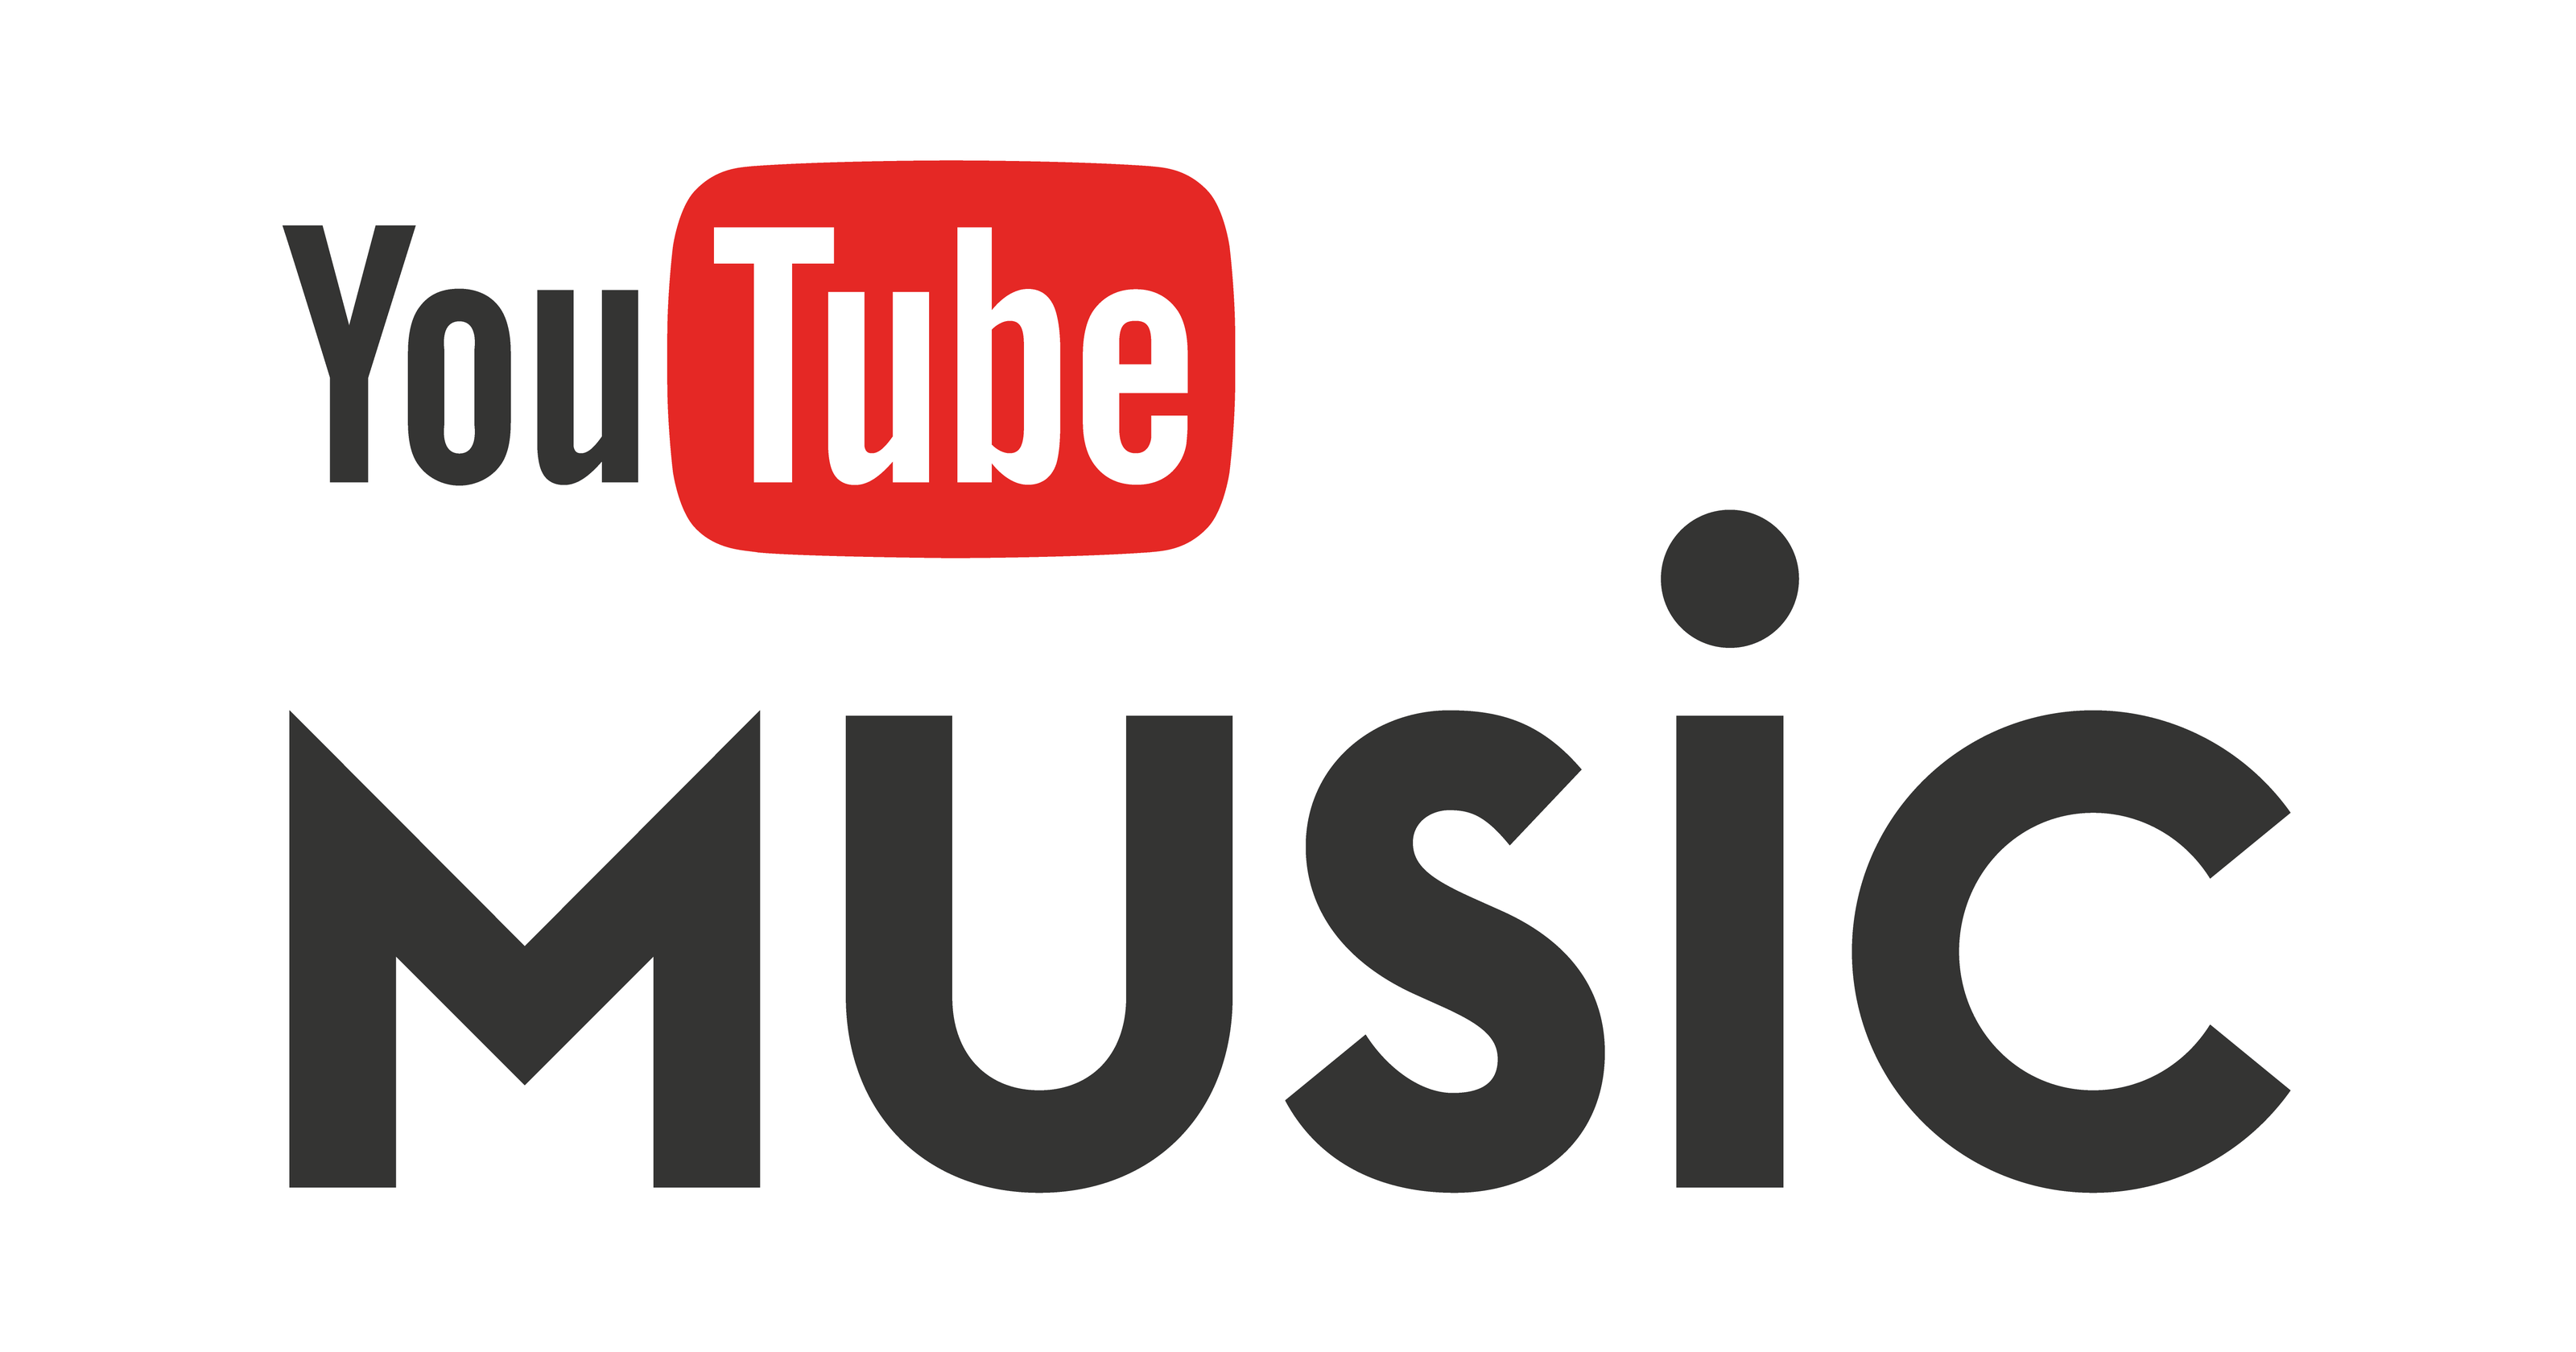 Картинки по запросу YouTube Music